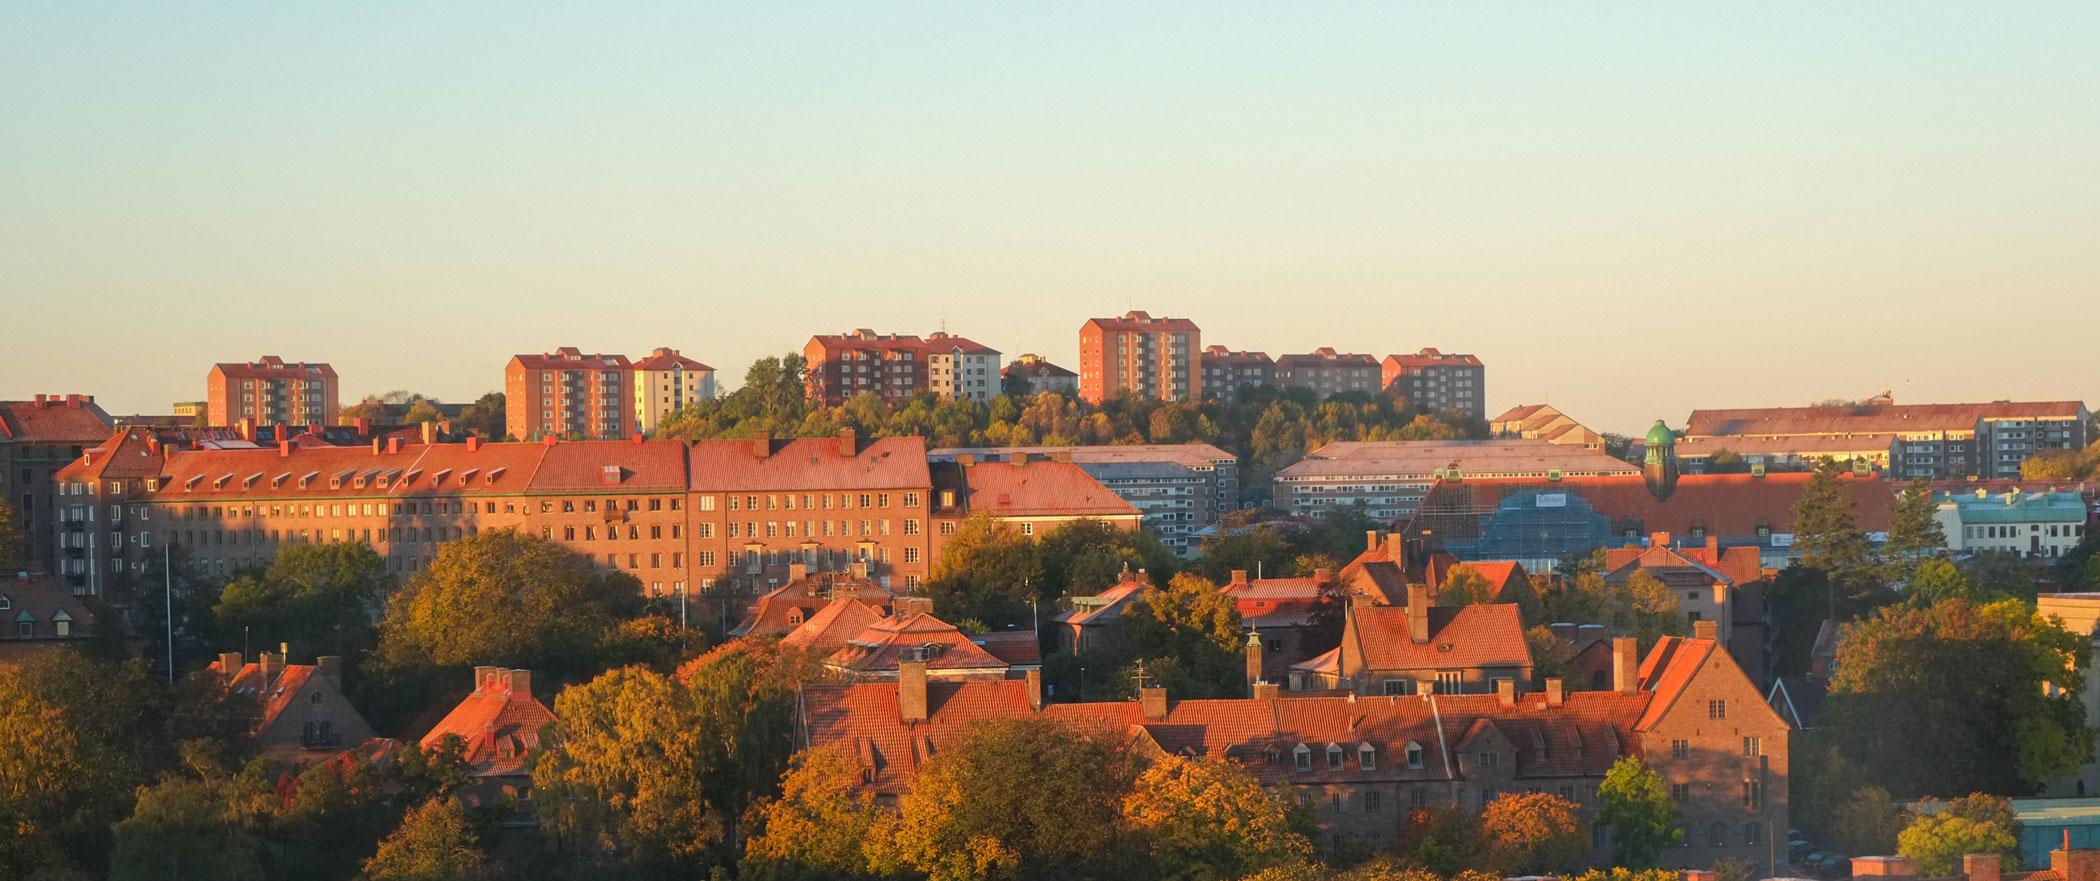 rcb fastigheter ombyggnation hyresförhandlingar fastighetsutveckling Göteborg